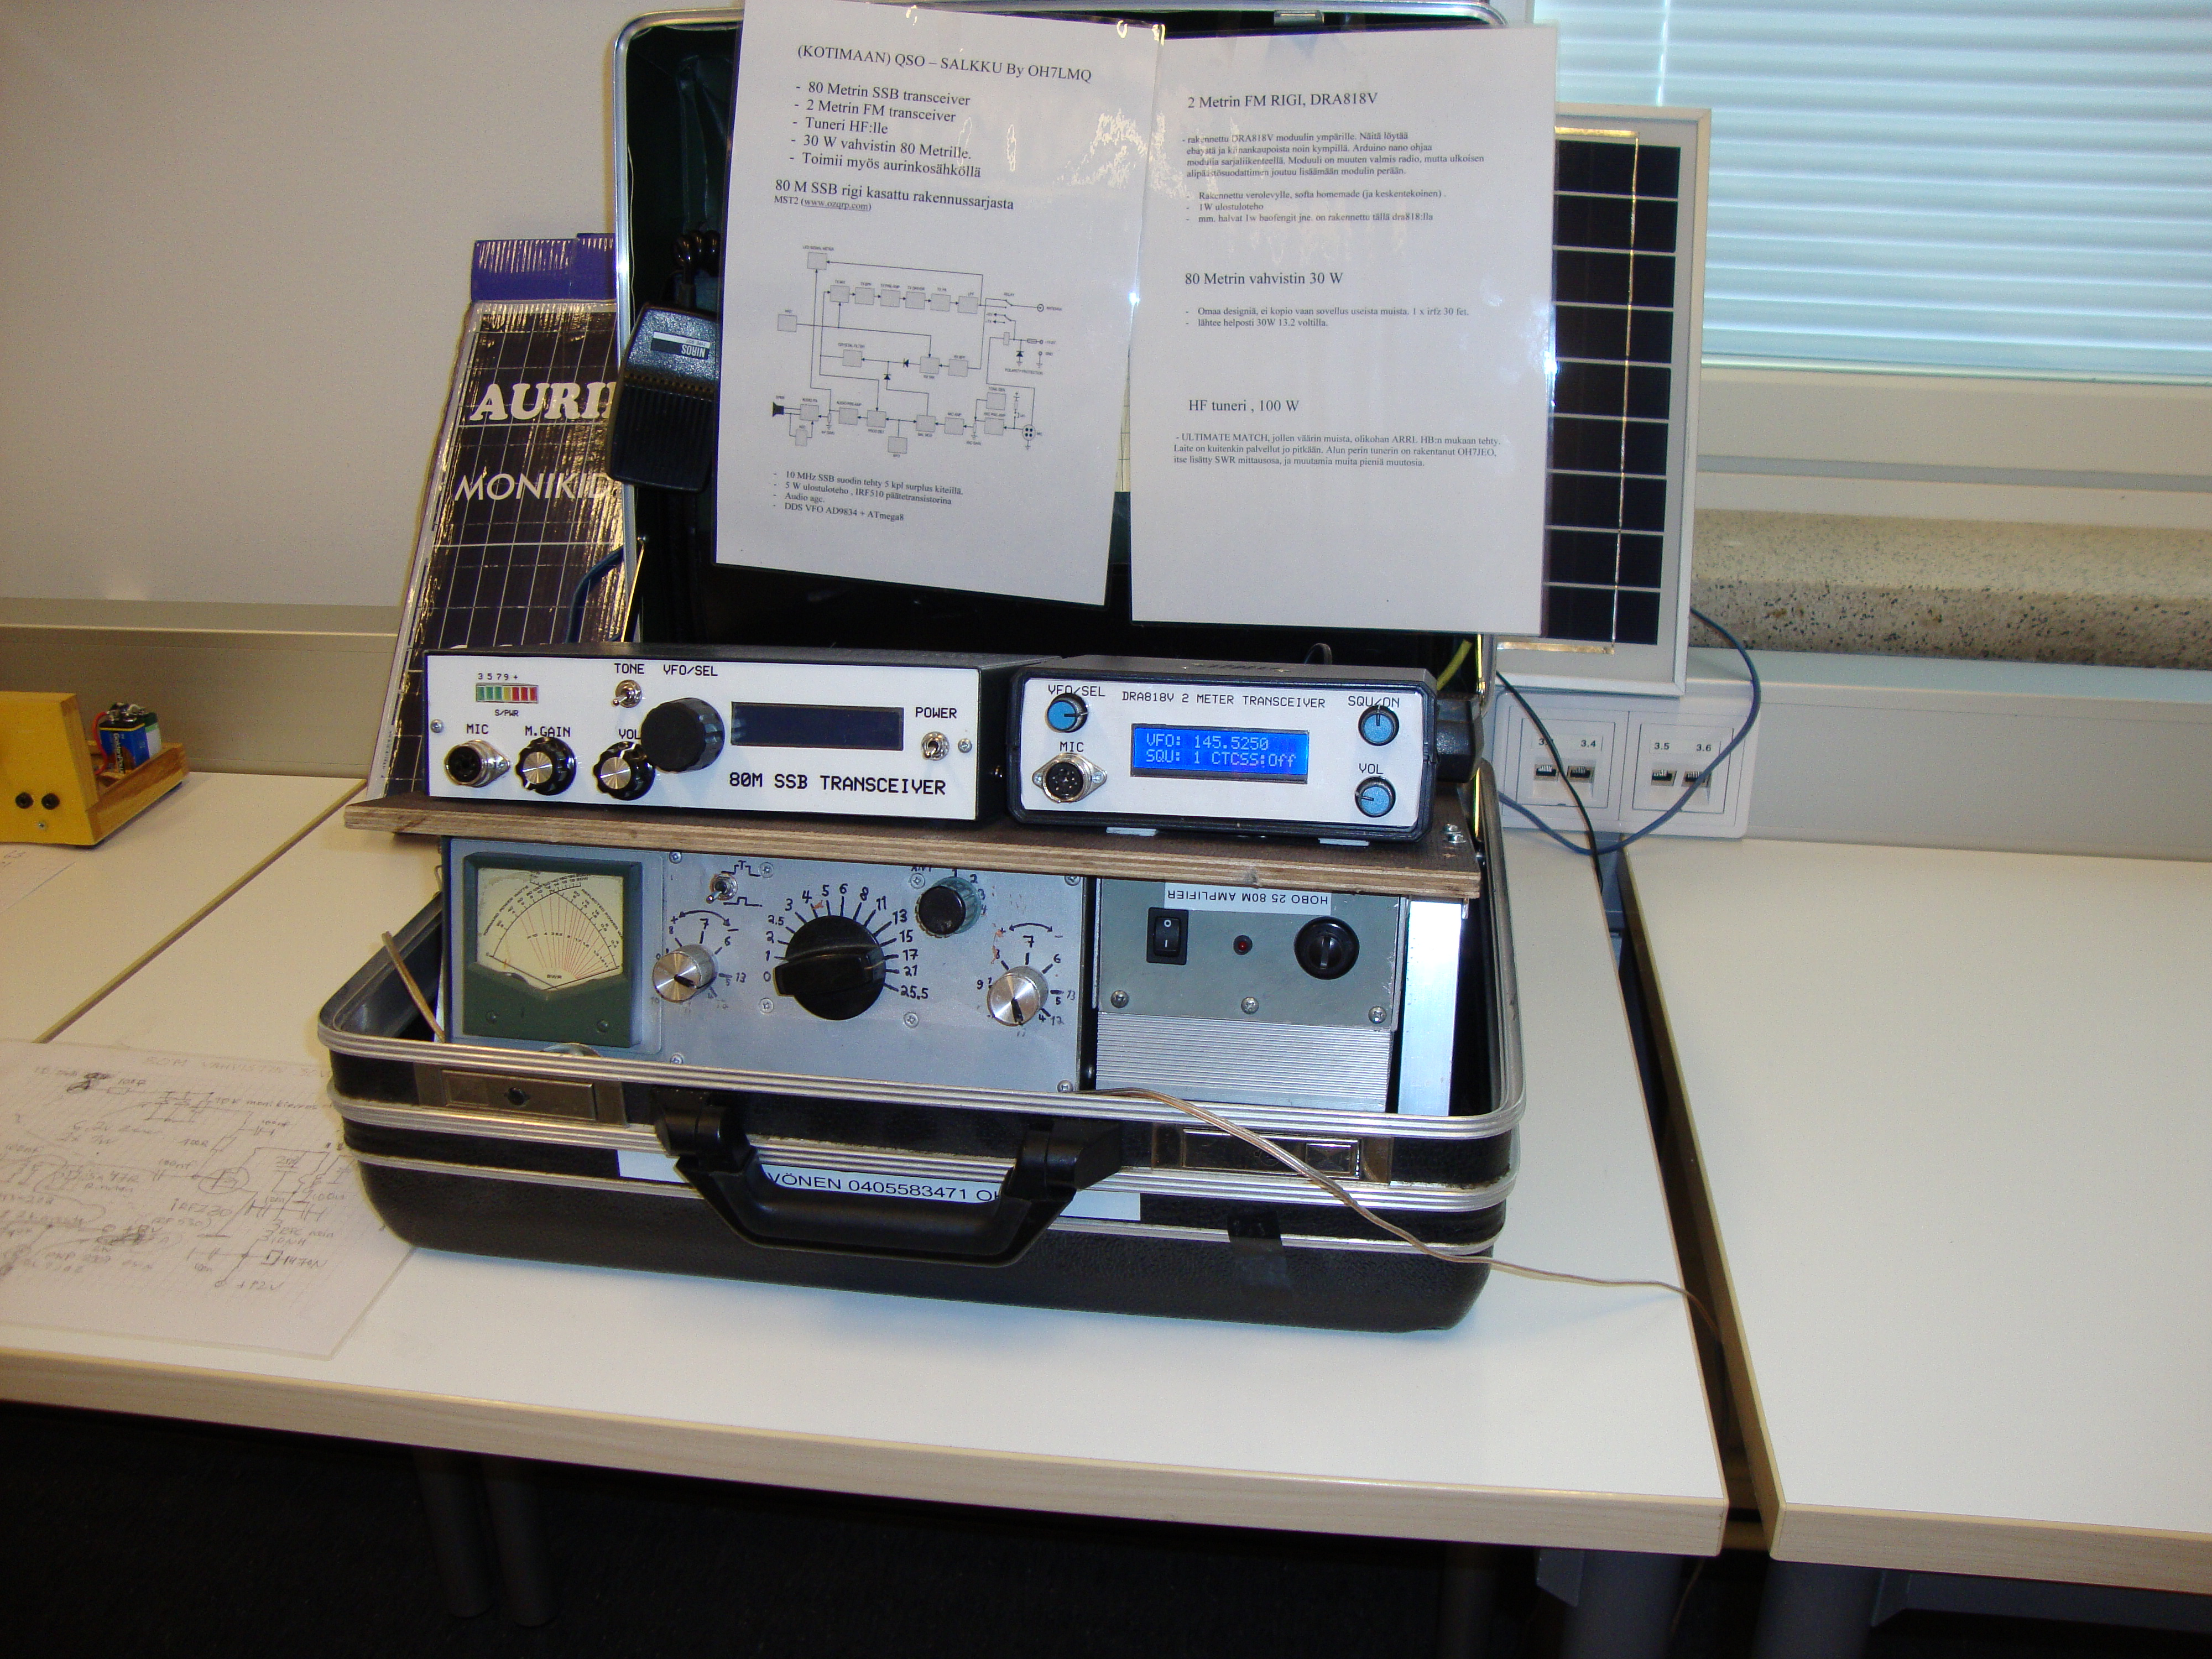 Radioita ja muita laitteita salkussa.